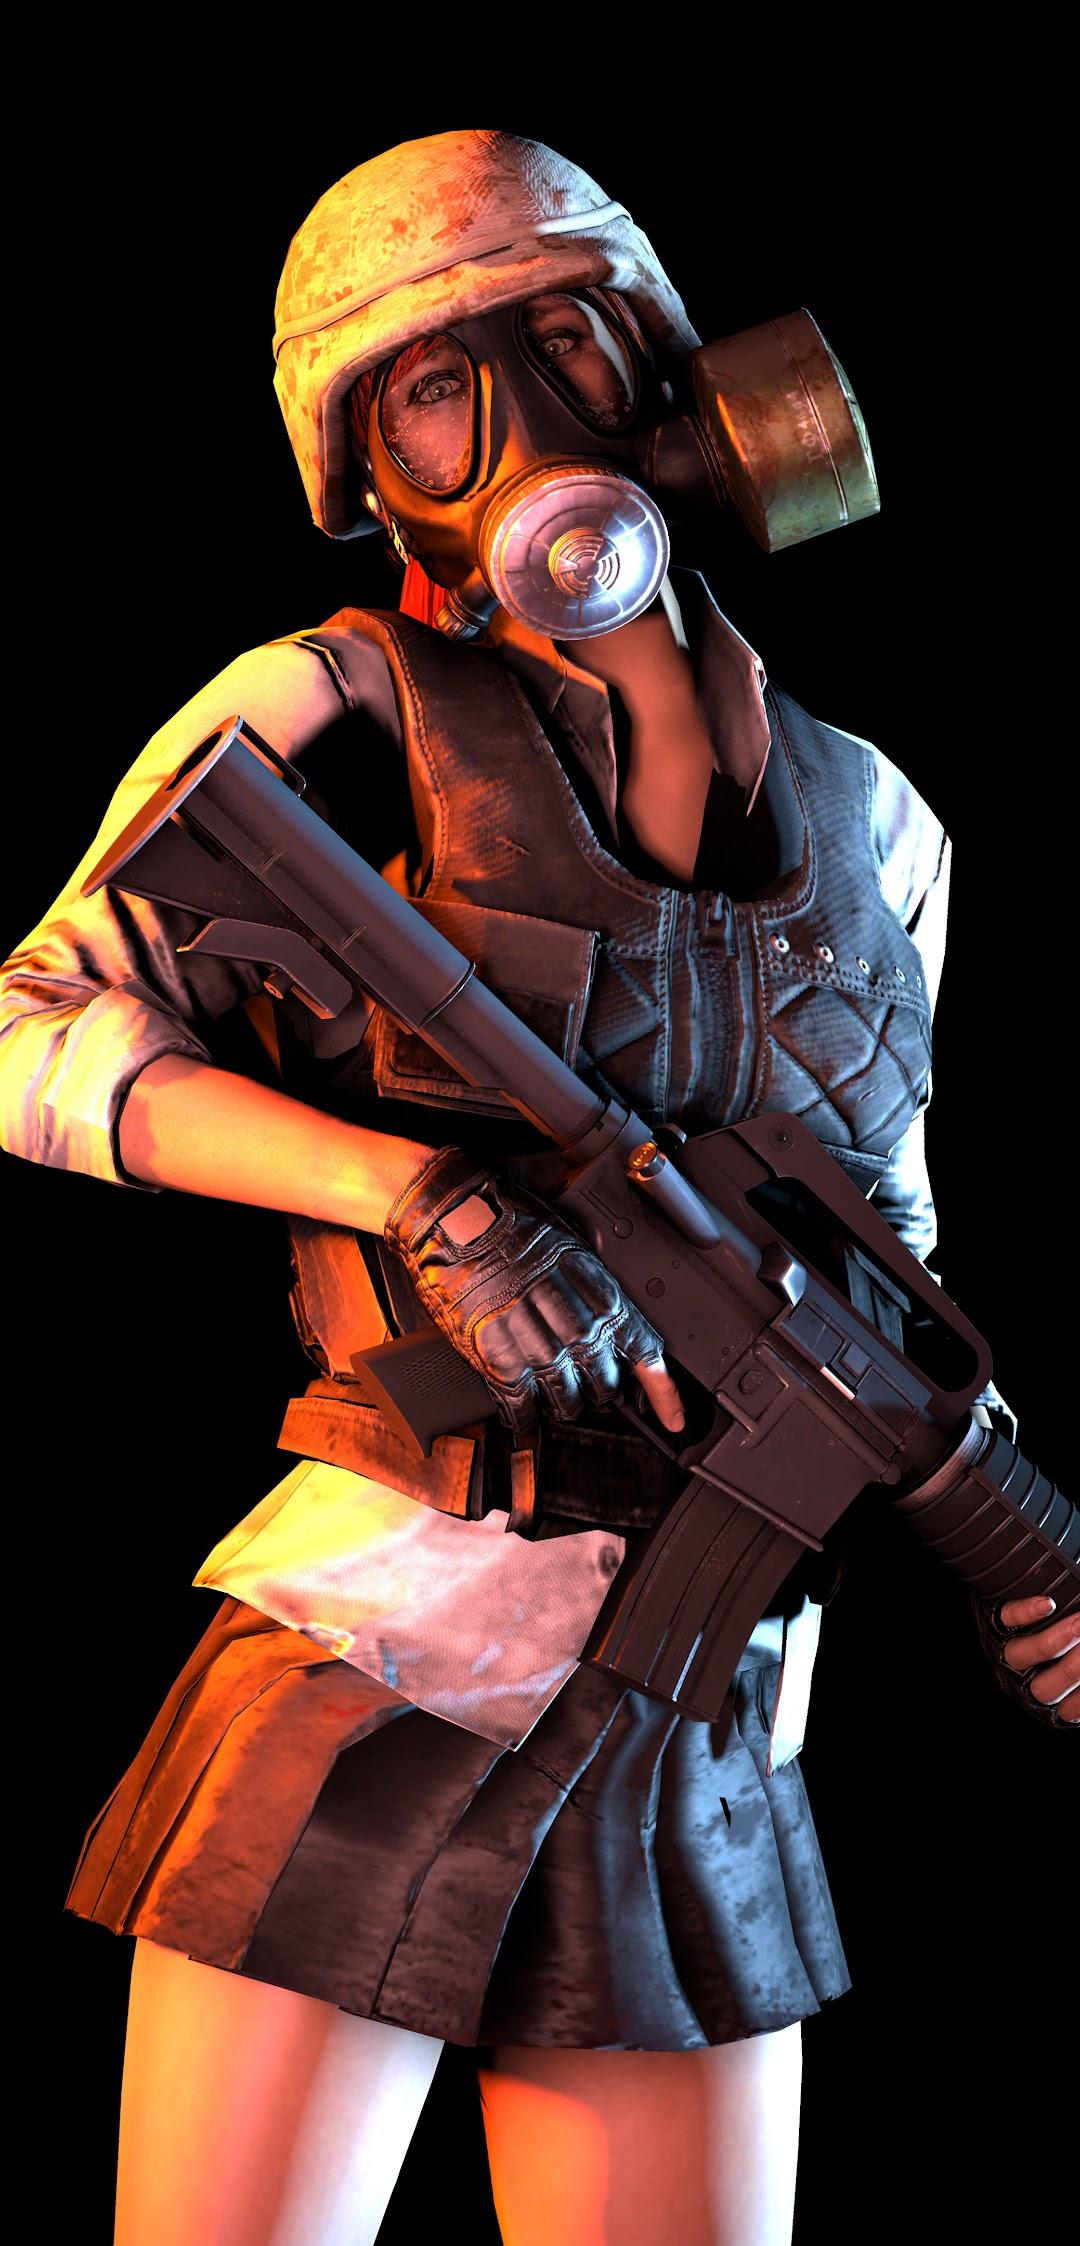 PUBG Girl Gas Mask Rifle PlayerUnknown's Battlegrounds 8K Wallpaper #2